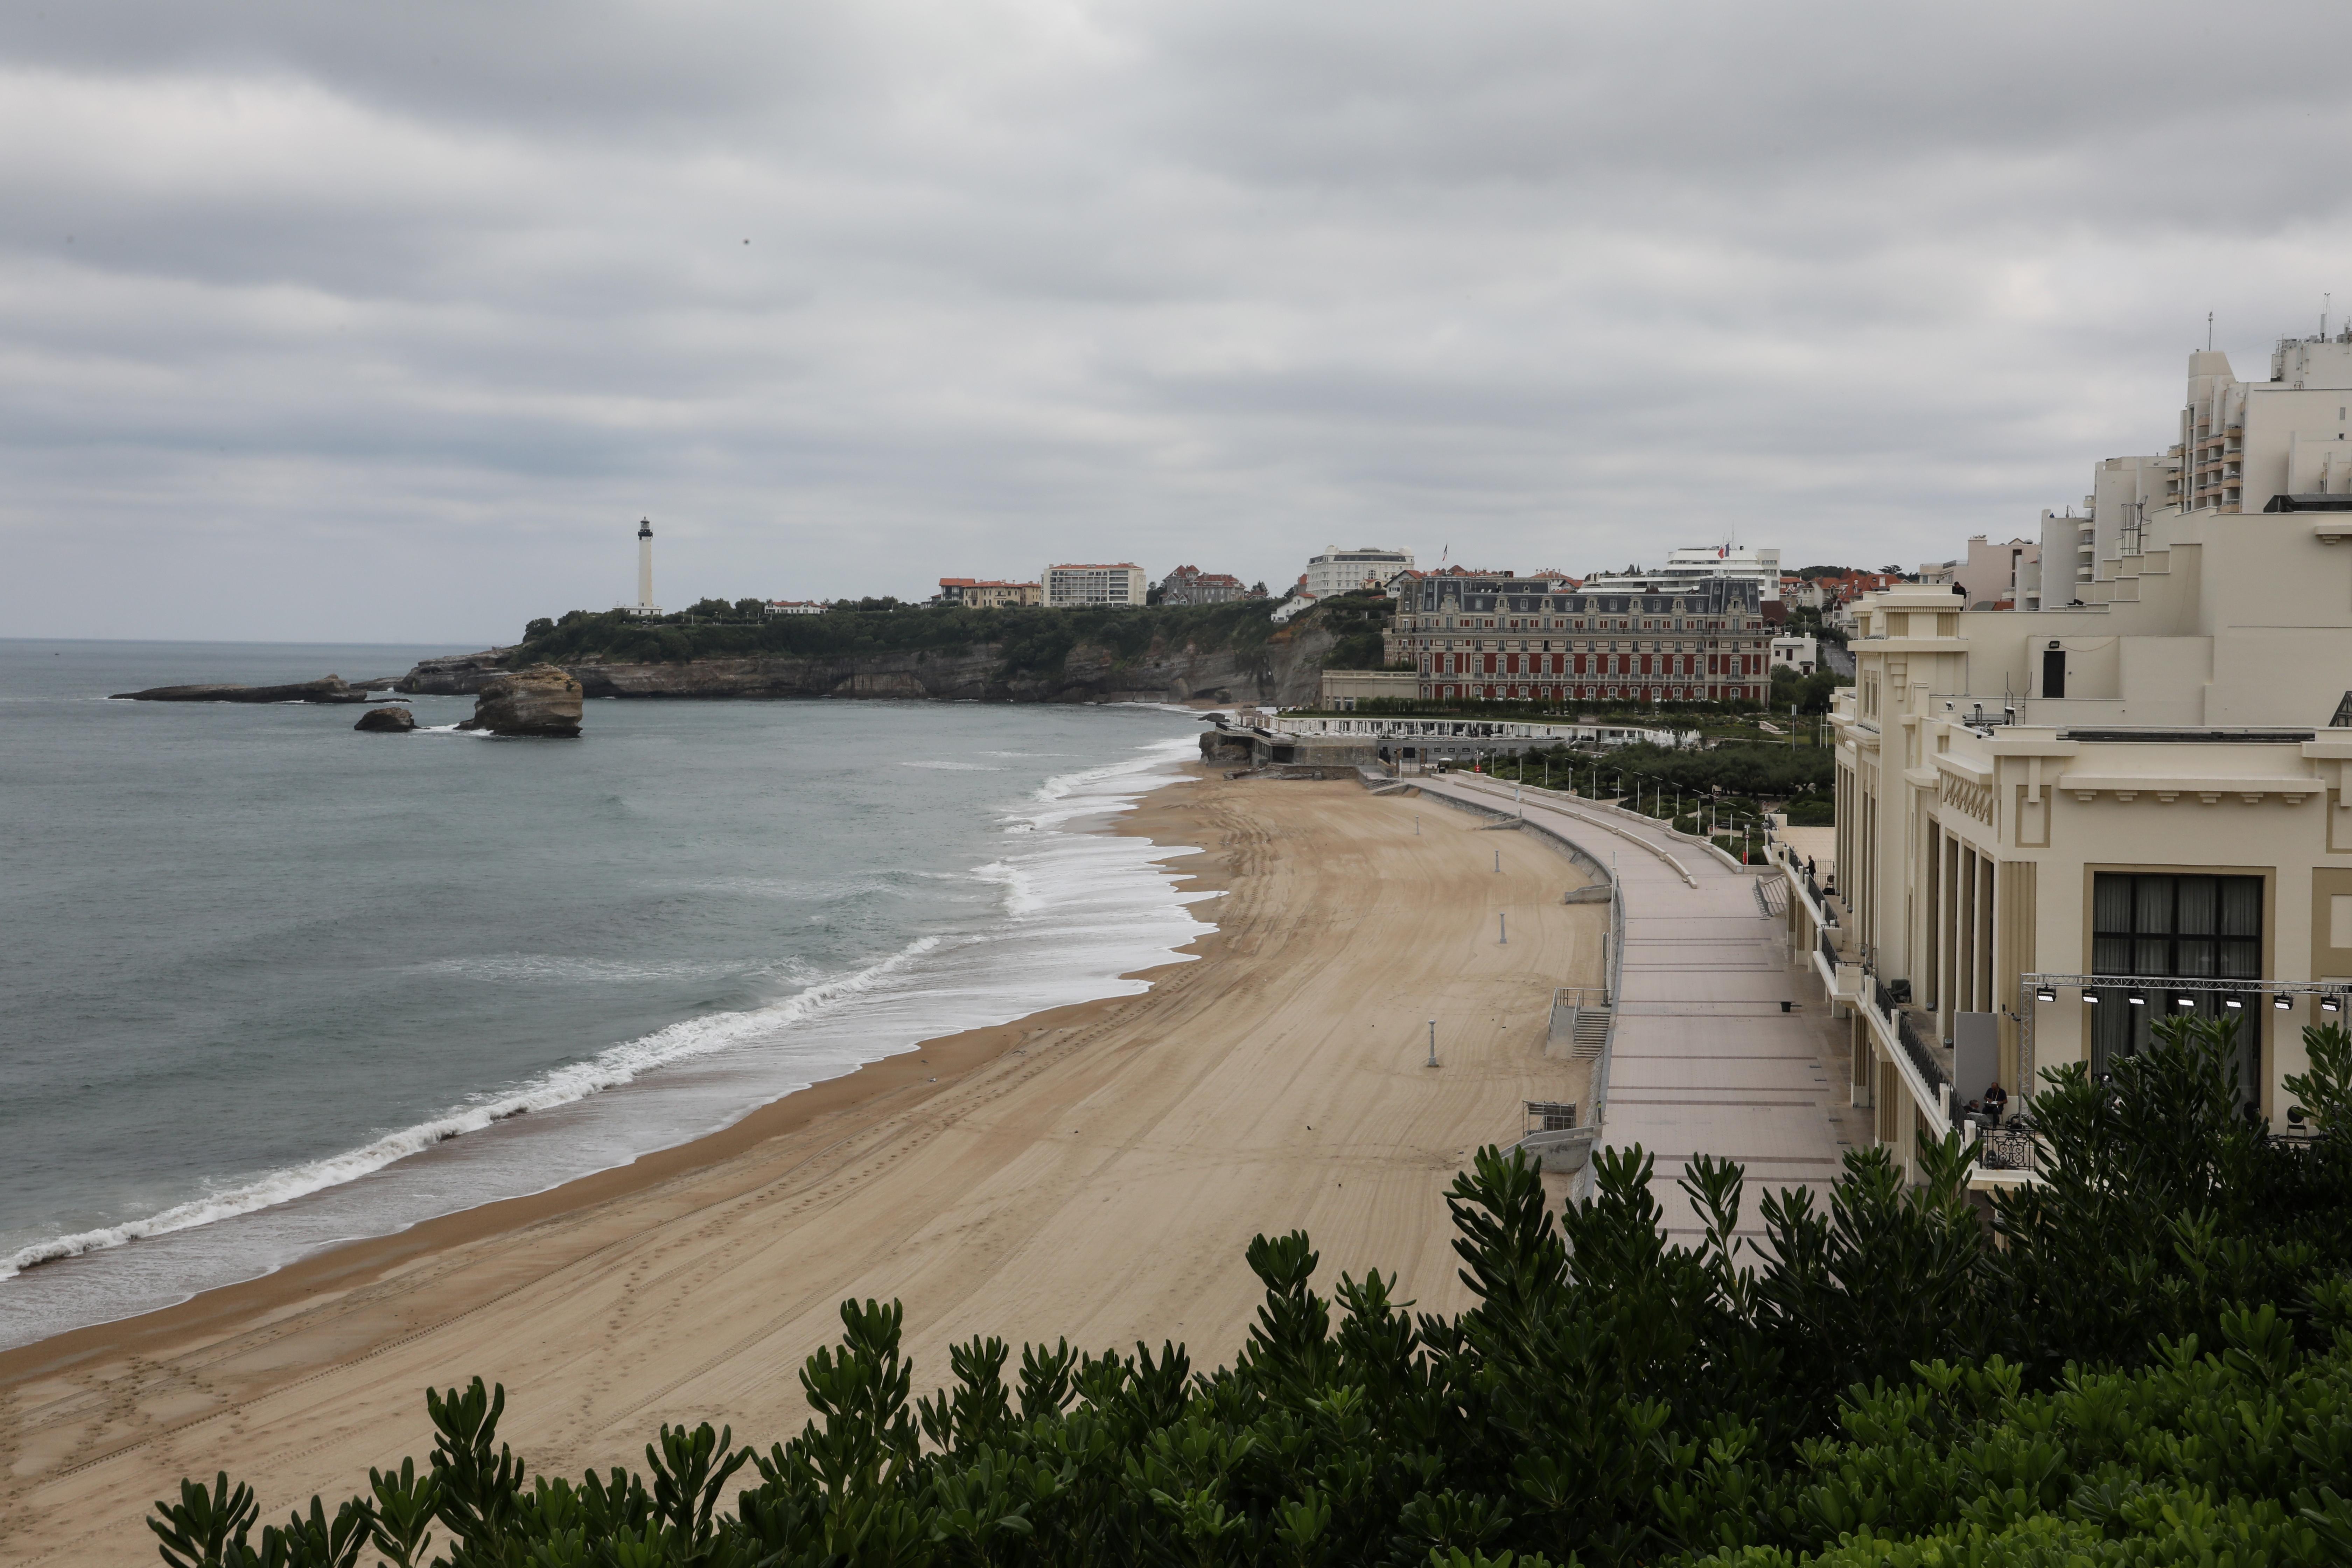 Tras el inicio de la cumbre, la orilla quedó vacía por las restricciones de seguridad